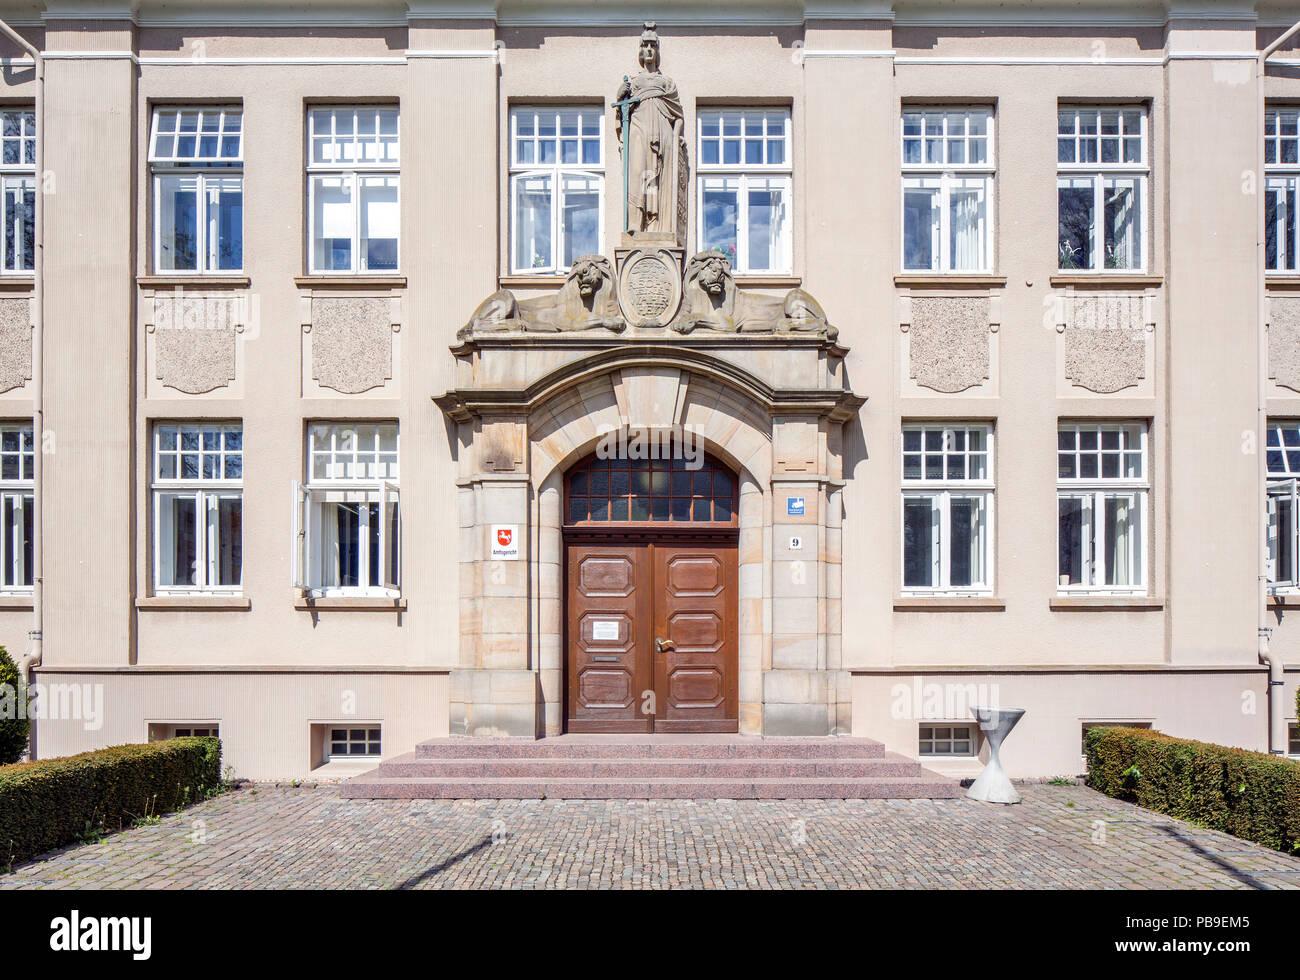 Cloppenburger Amtshaus Einst Das Buro Verwaltung Cadastre Office